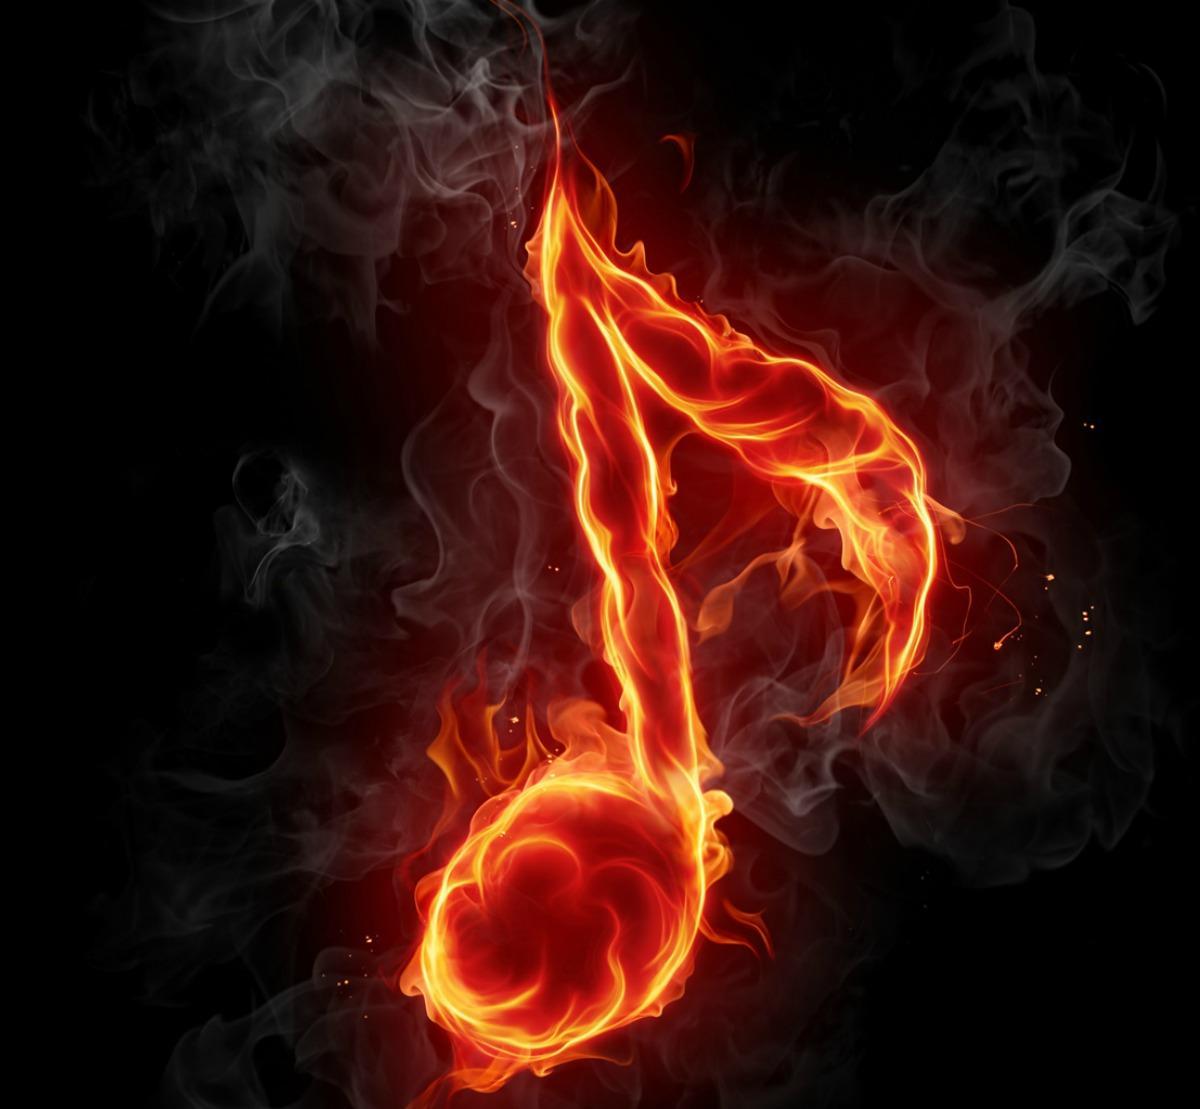 картинки скрипичный ключ в огне феррер